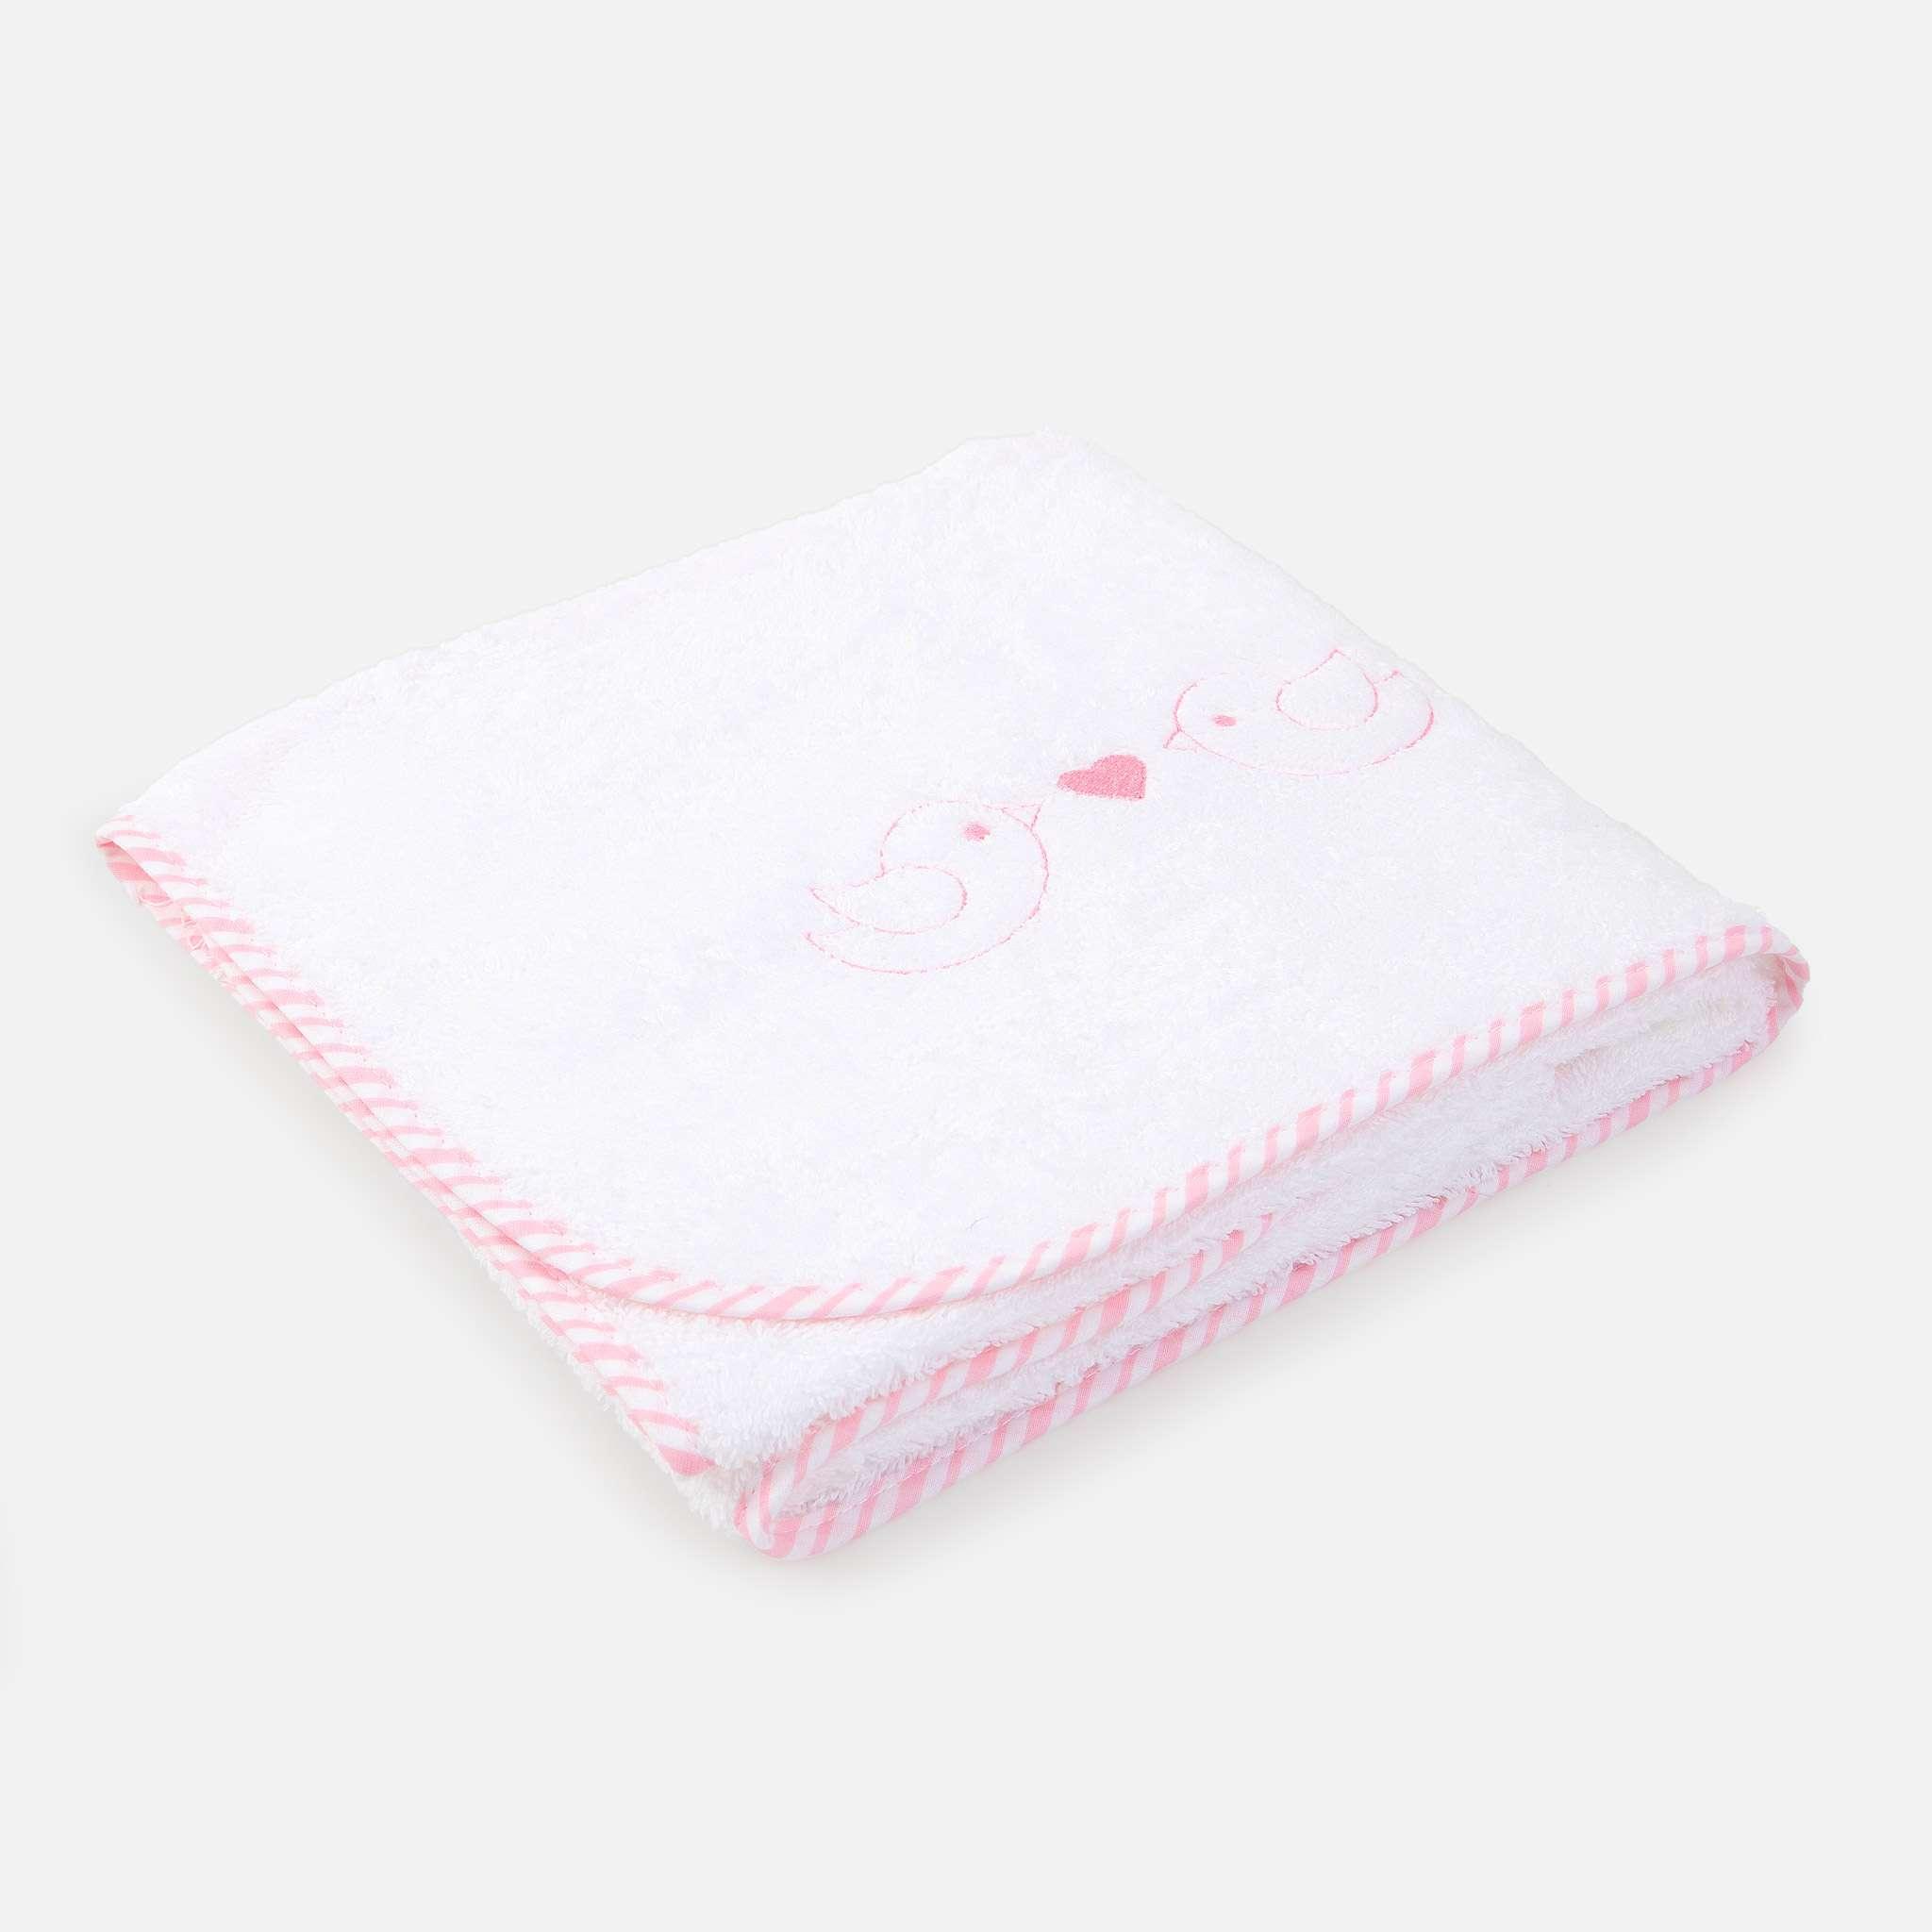 Ballon Pink vauvan käsipyyhe 72x72 cm